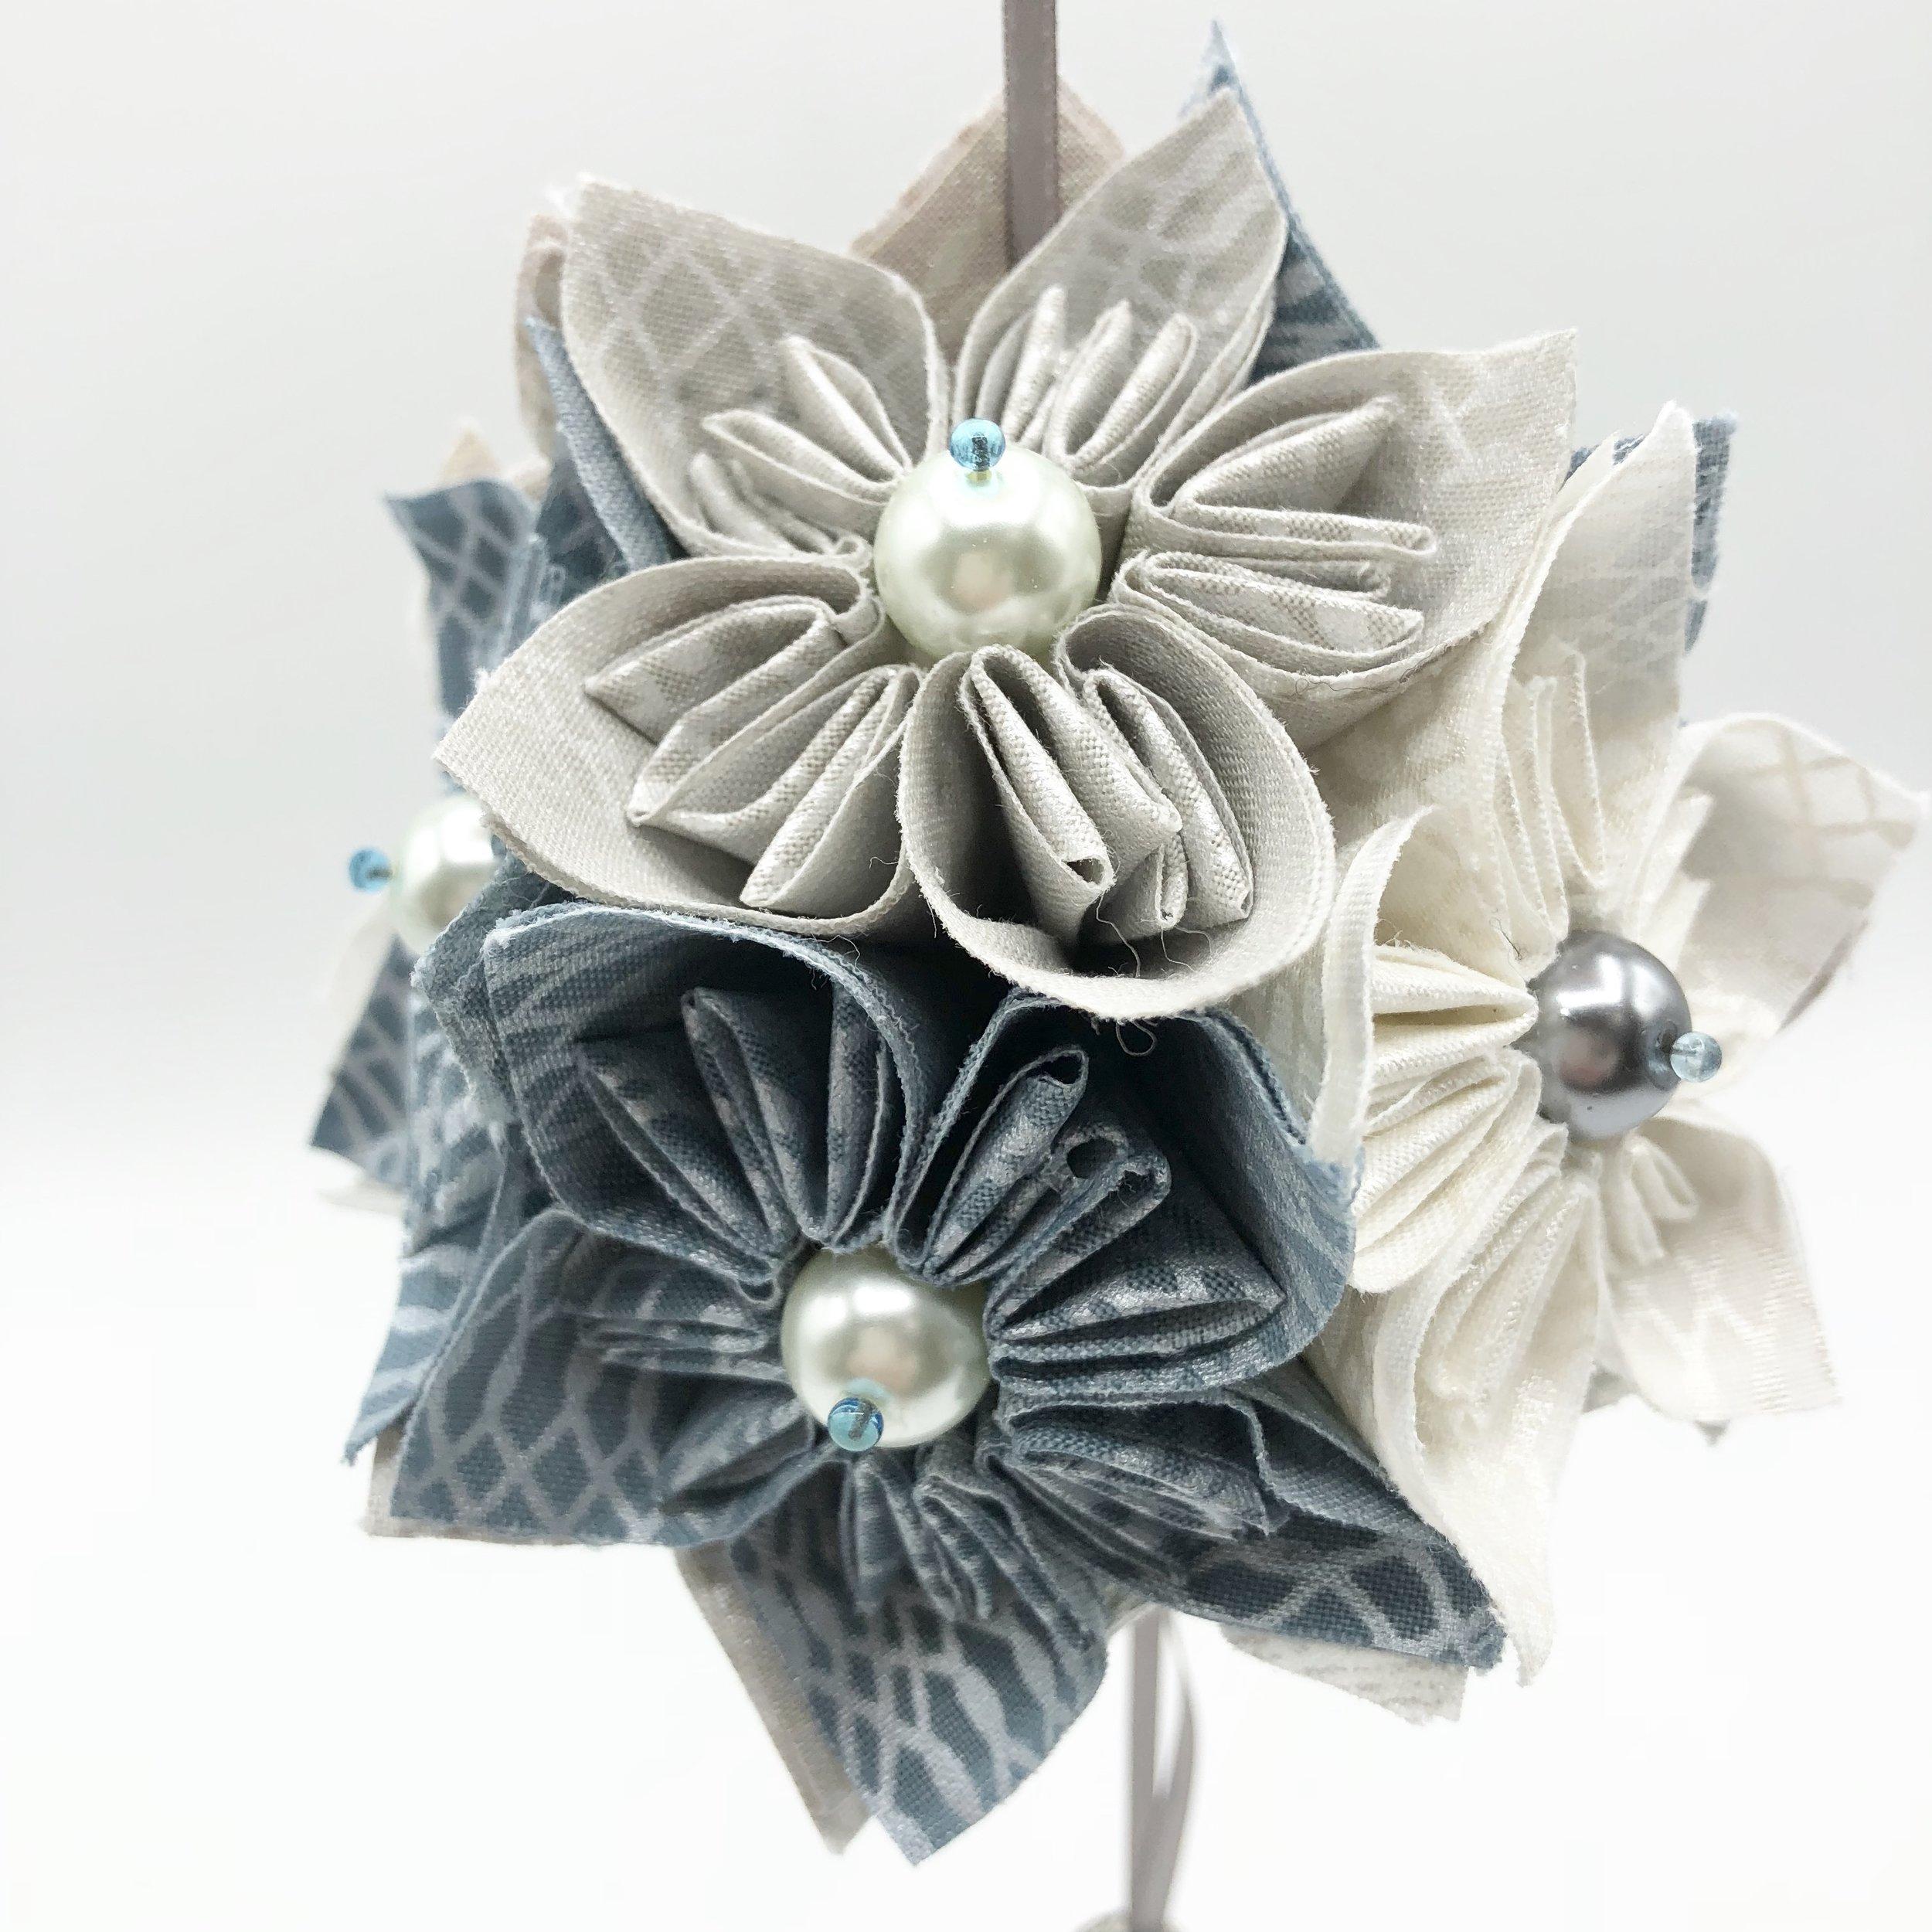 Fabric Kusudama - Tutorial by WEFTY Needle